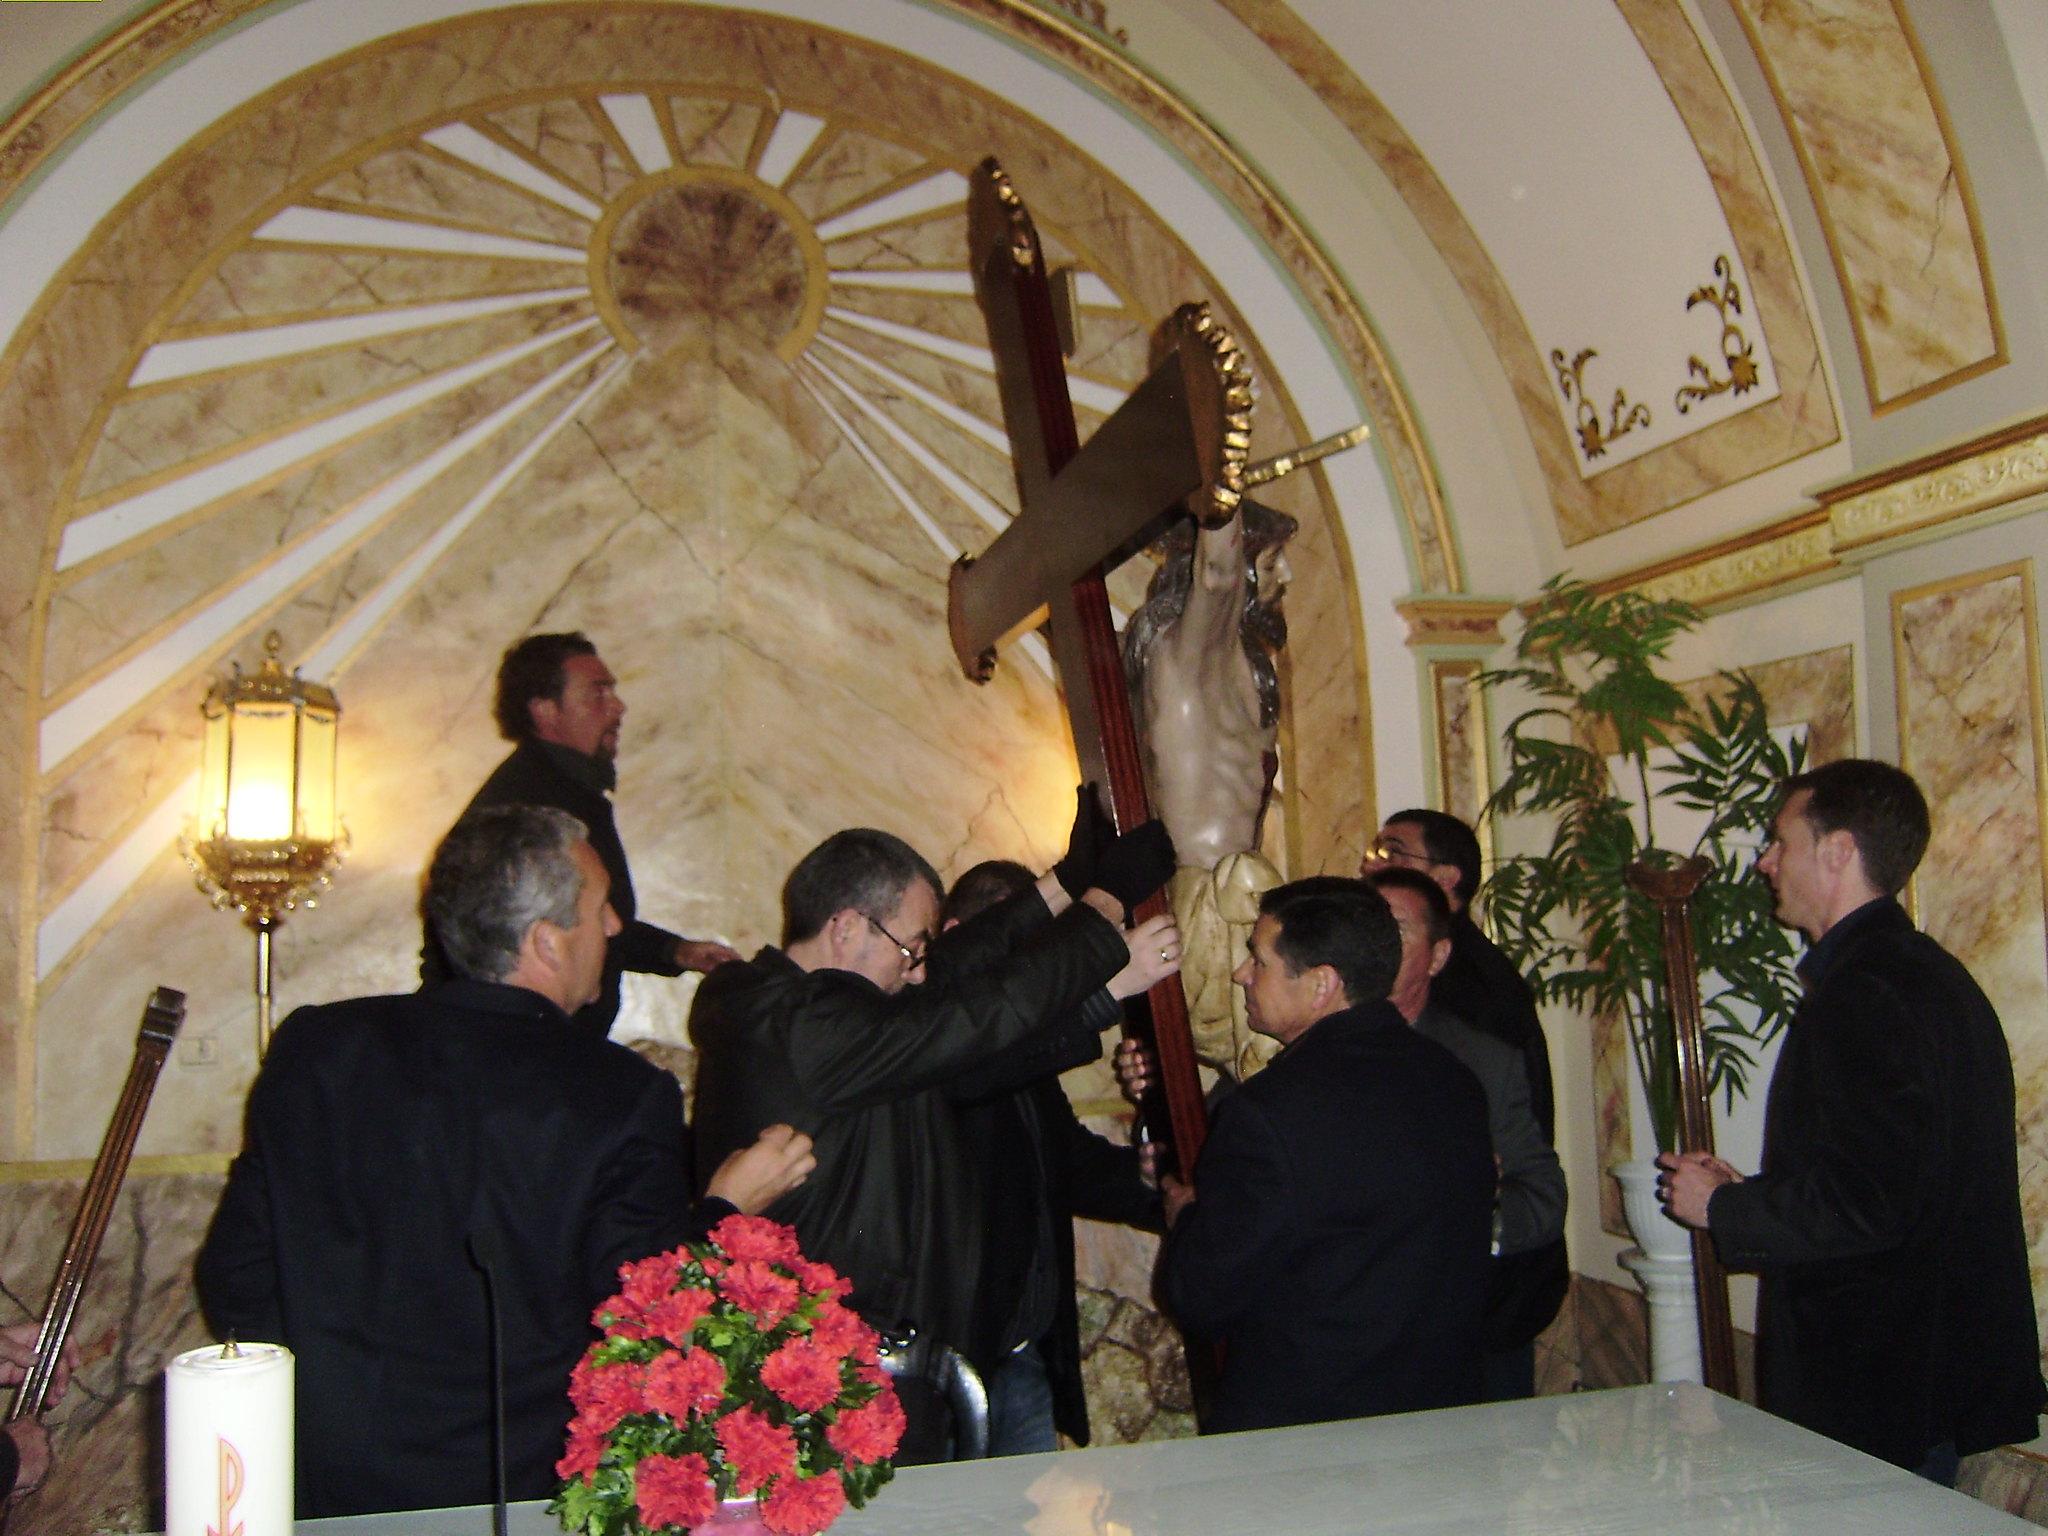 (2010-03-26) - I Vía Crucis nocturno - Javier Romero Ripoll - (25)